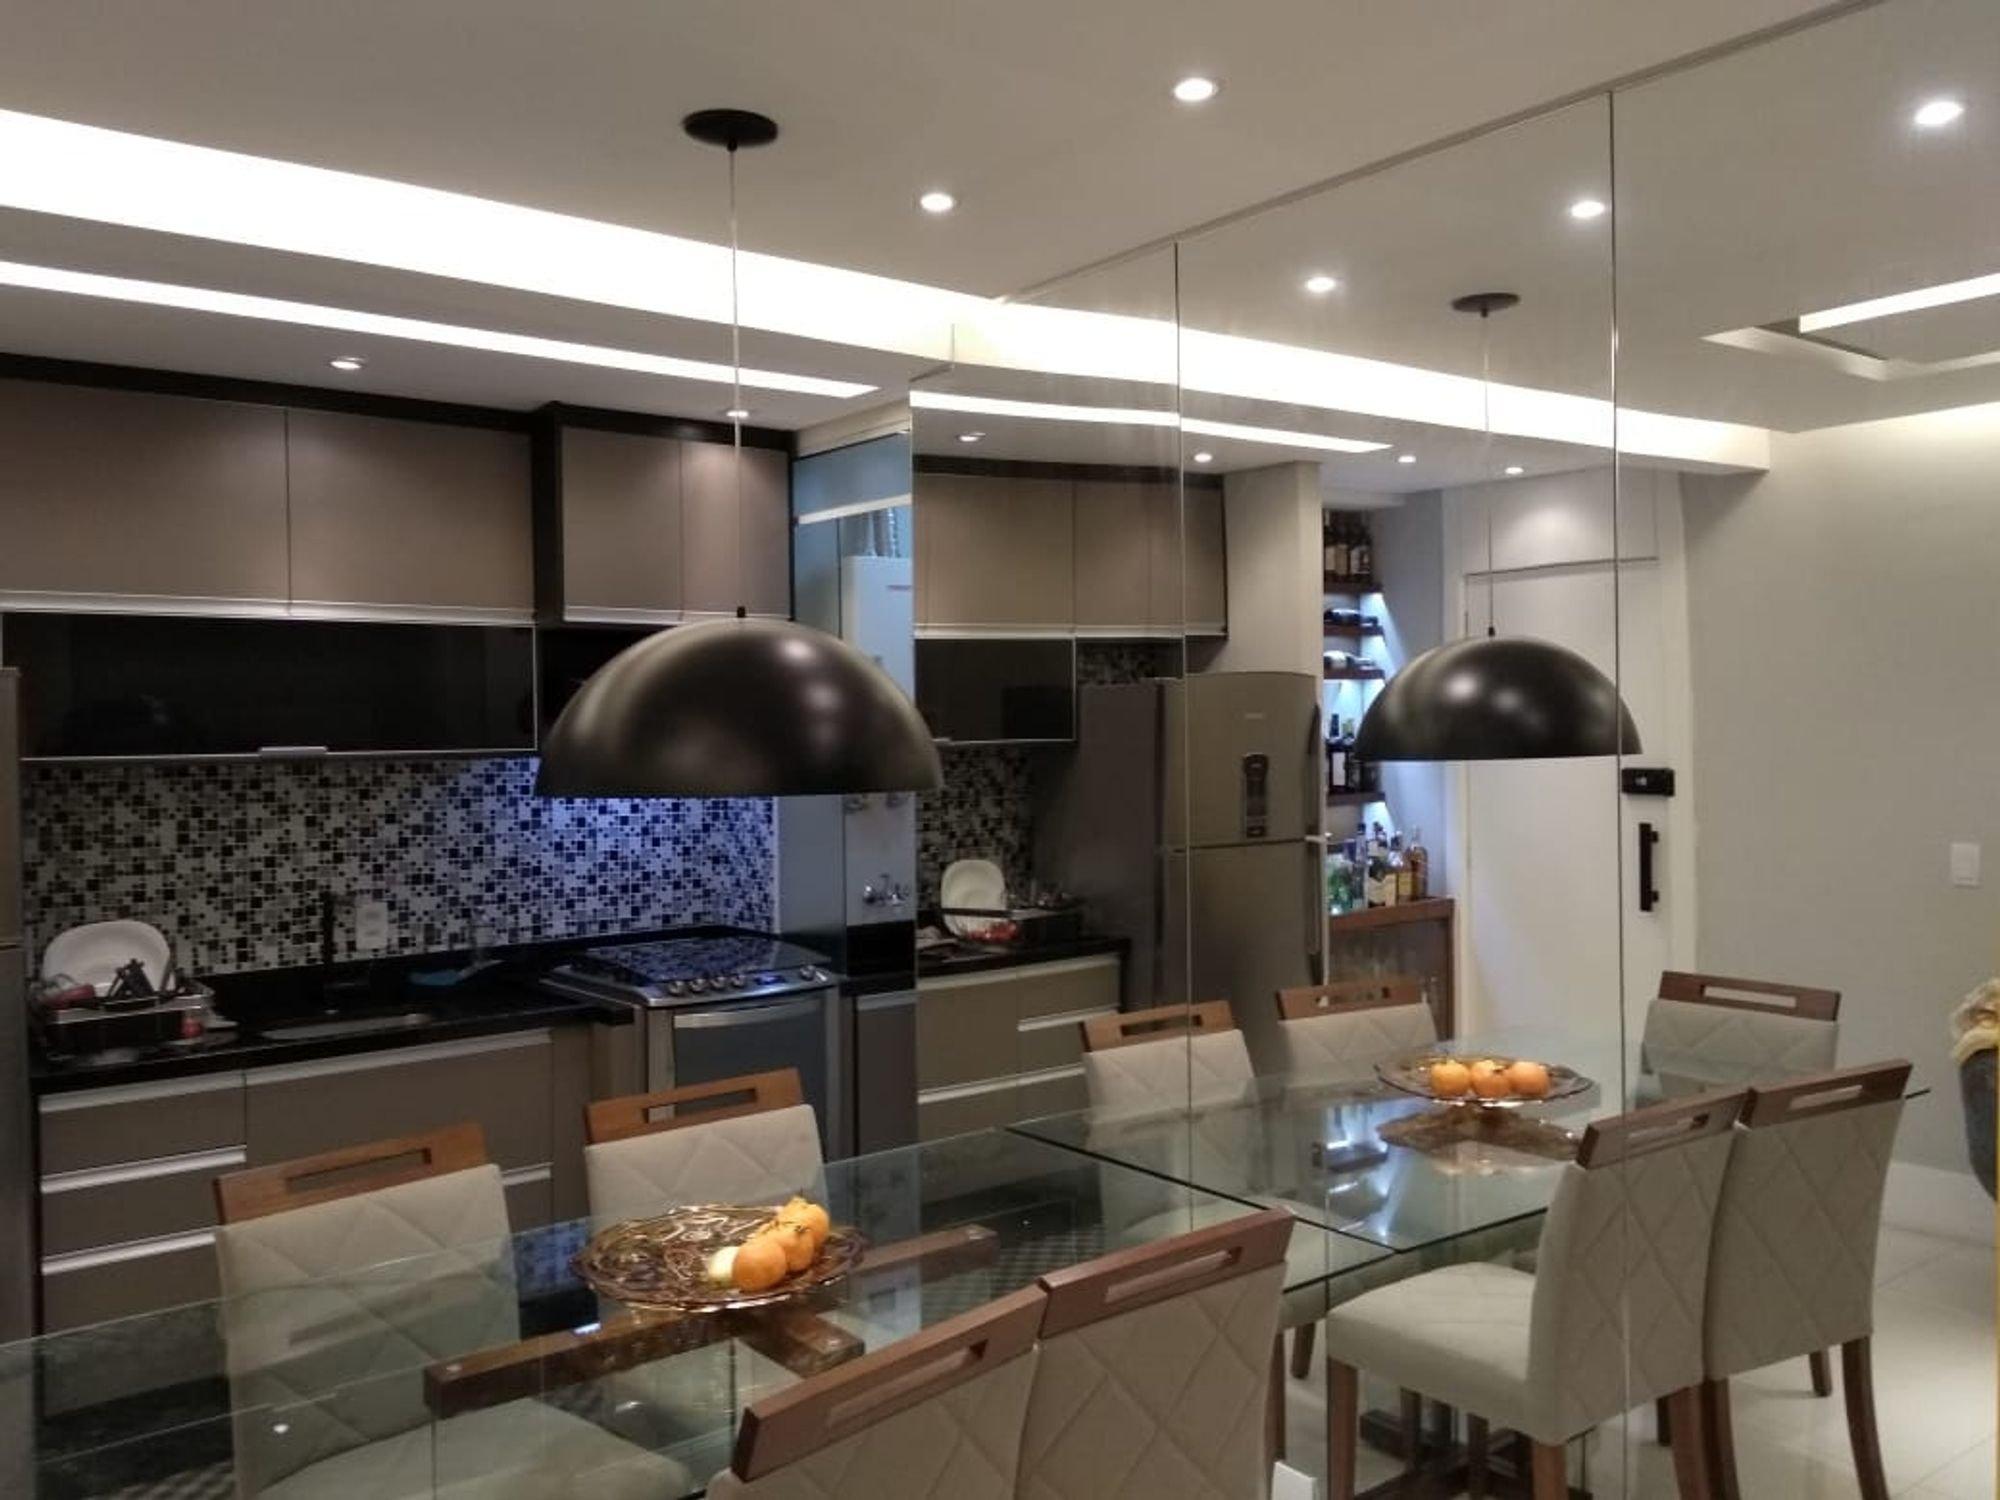 Foto de Cozinha com tigela, geladeira, cadeira, mesa de jantar